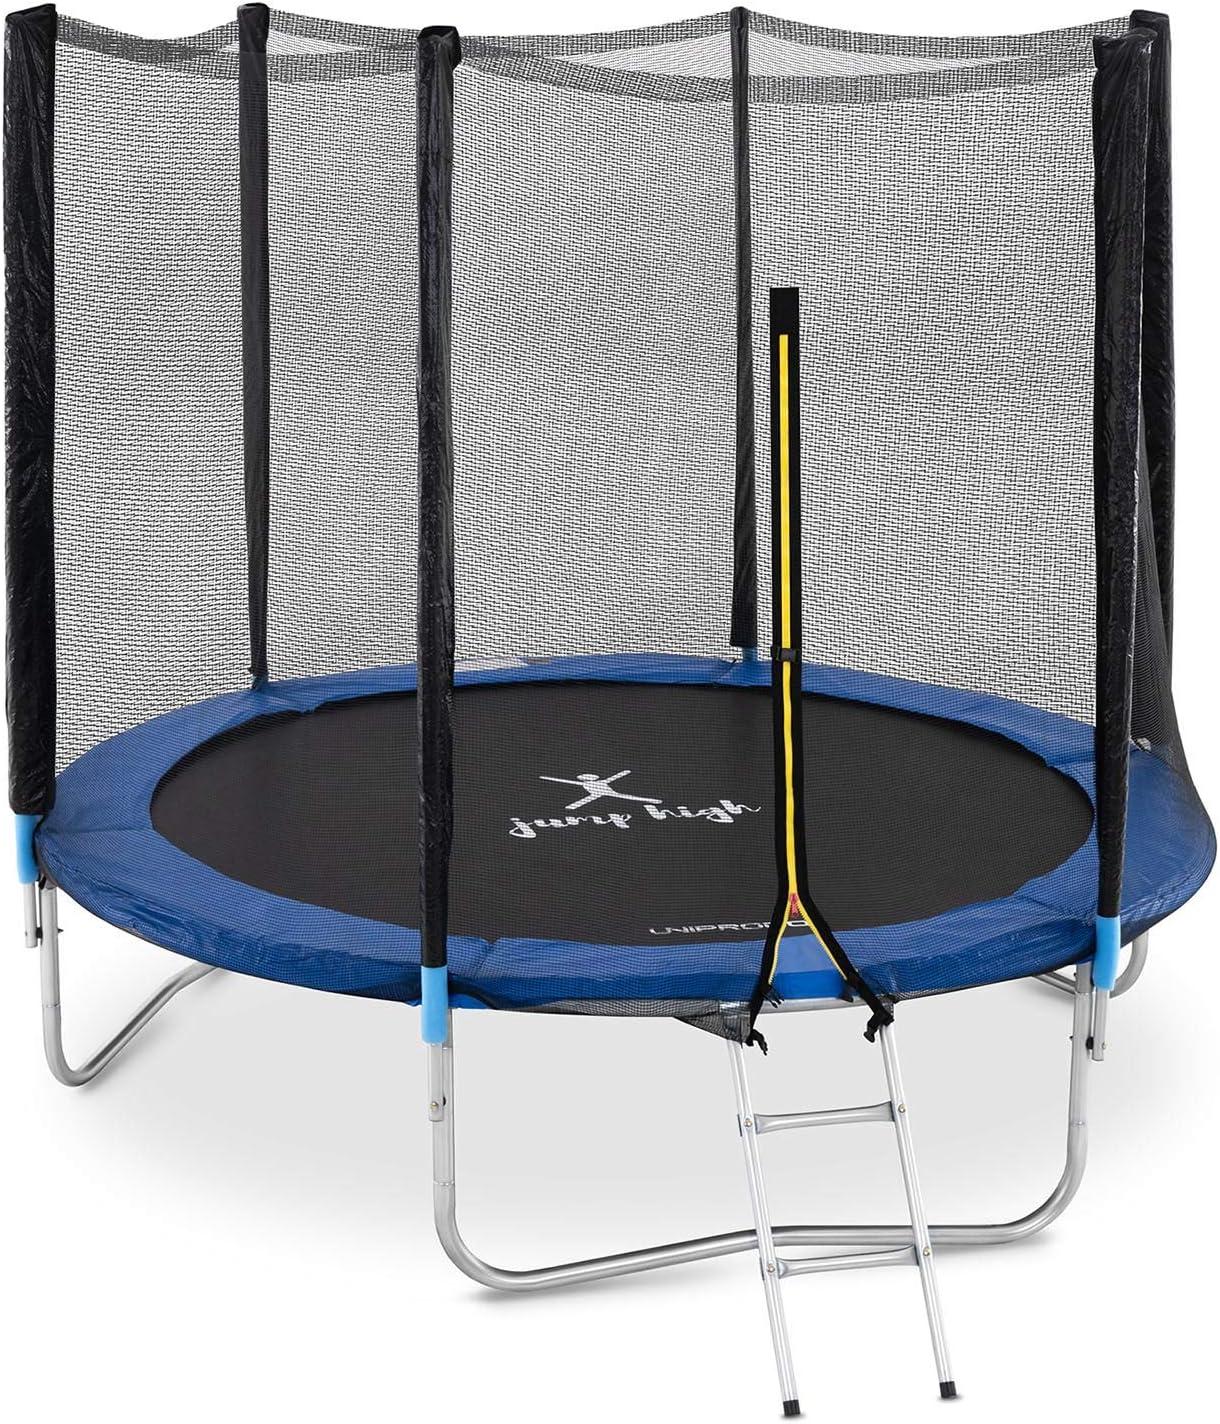 Uniprodo Cama Elástica Trampolín para Exterior Uni_Trampoline_04 (con Red De Protección, Estructura De Acero Galvanizado, hasta 100 kg, Ø 240 cm): Amazon.es: Juguetes y juegos